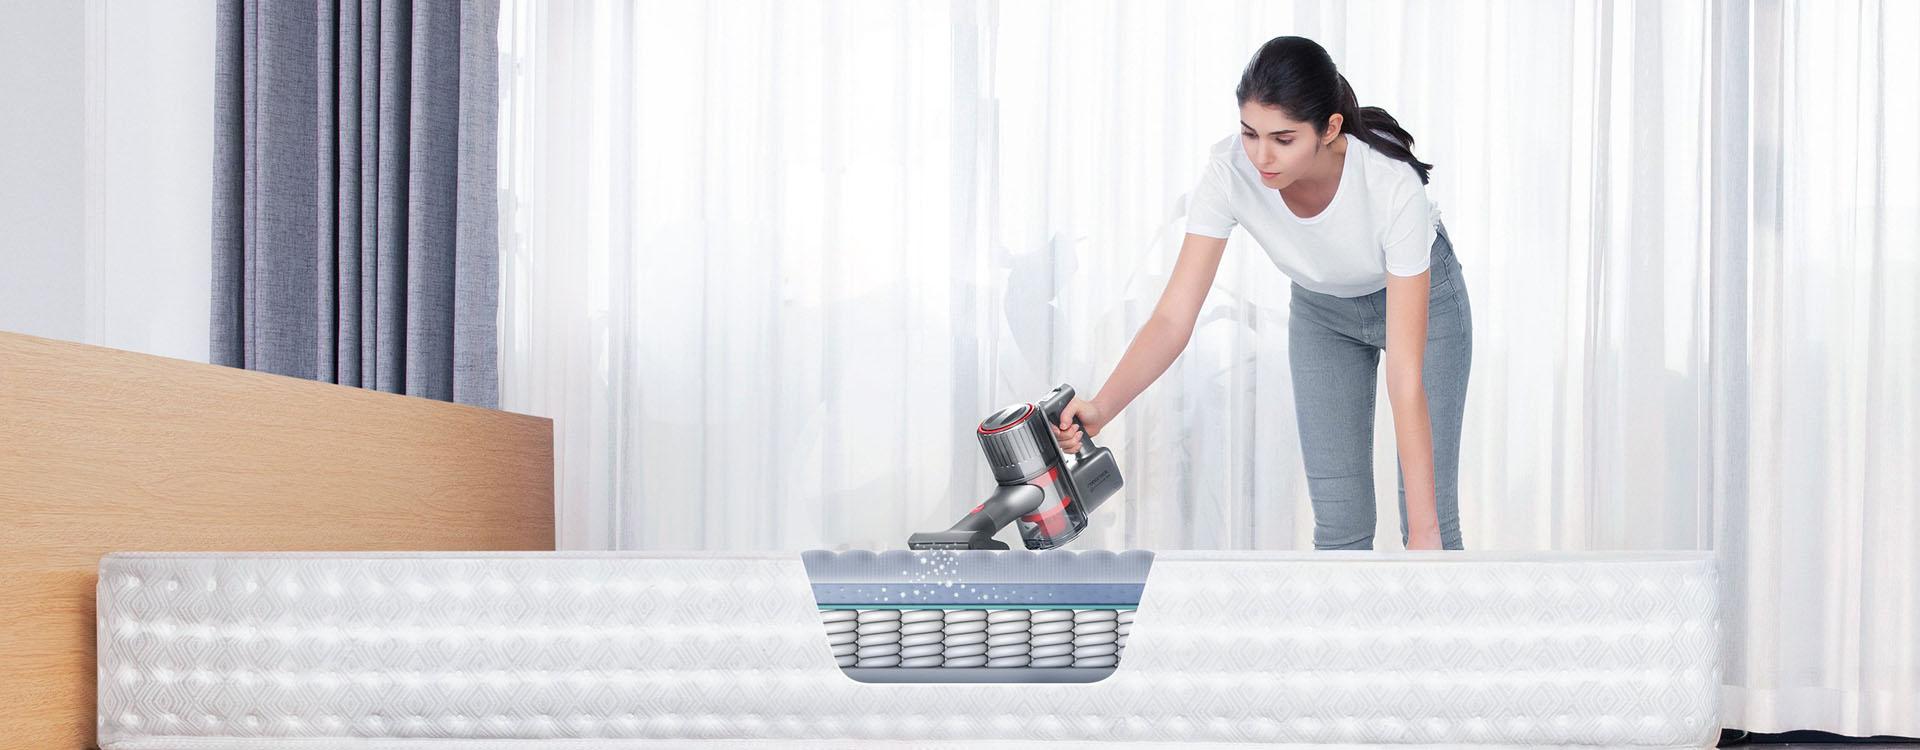 Kobieta czyści materac odkurzaczem Roborock H6.